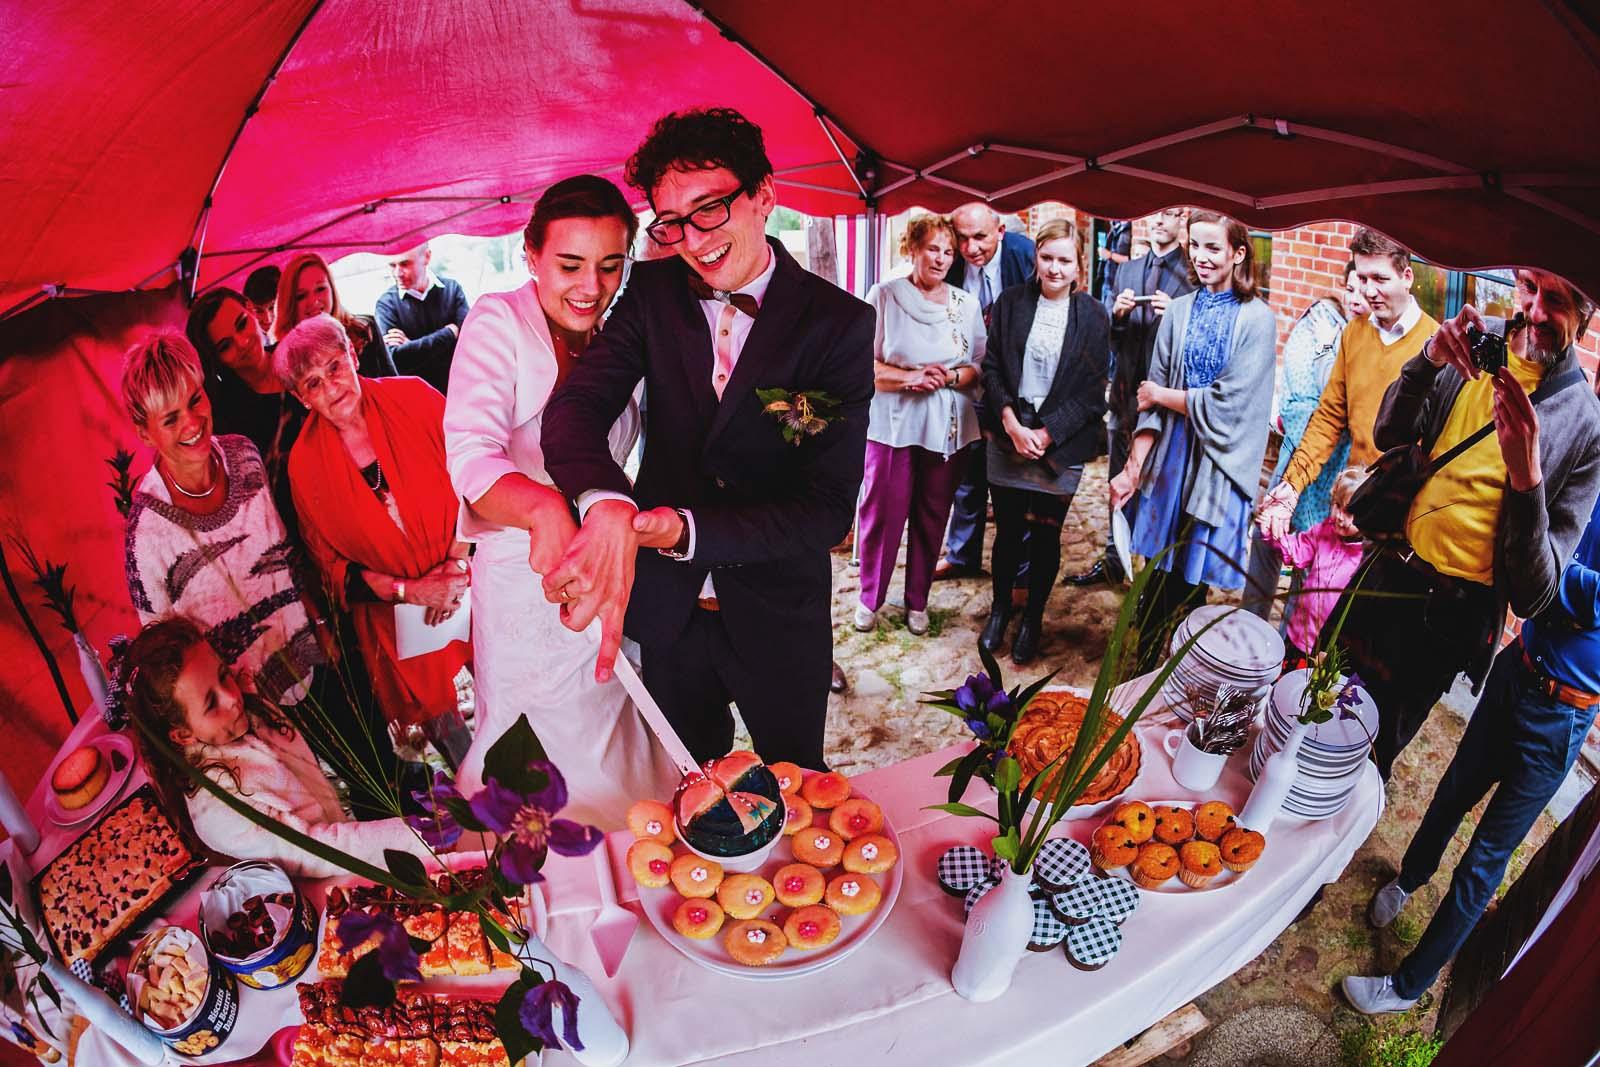 Hochzeitsfotograf beim Anschnitt der Hochzeitstorte Copyright by Hochzeitsfotograf www.berliner-hochzeitsfotografie.de